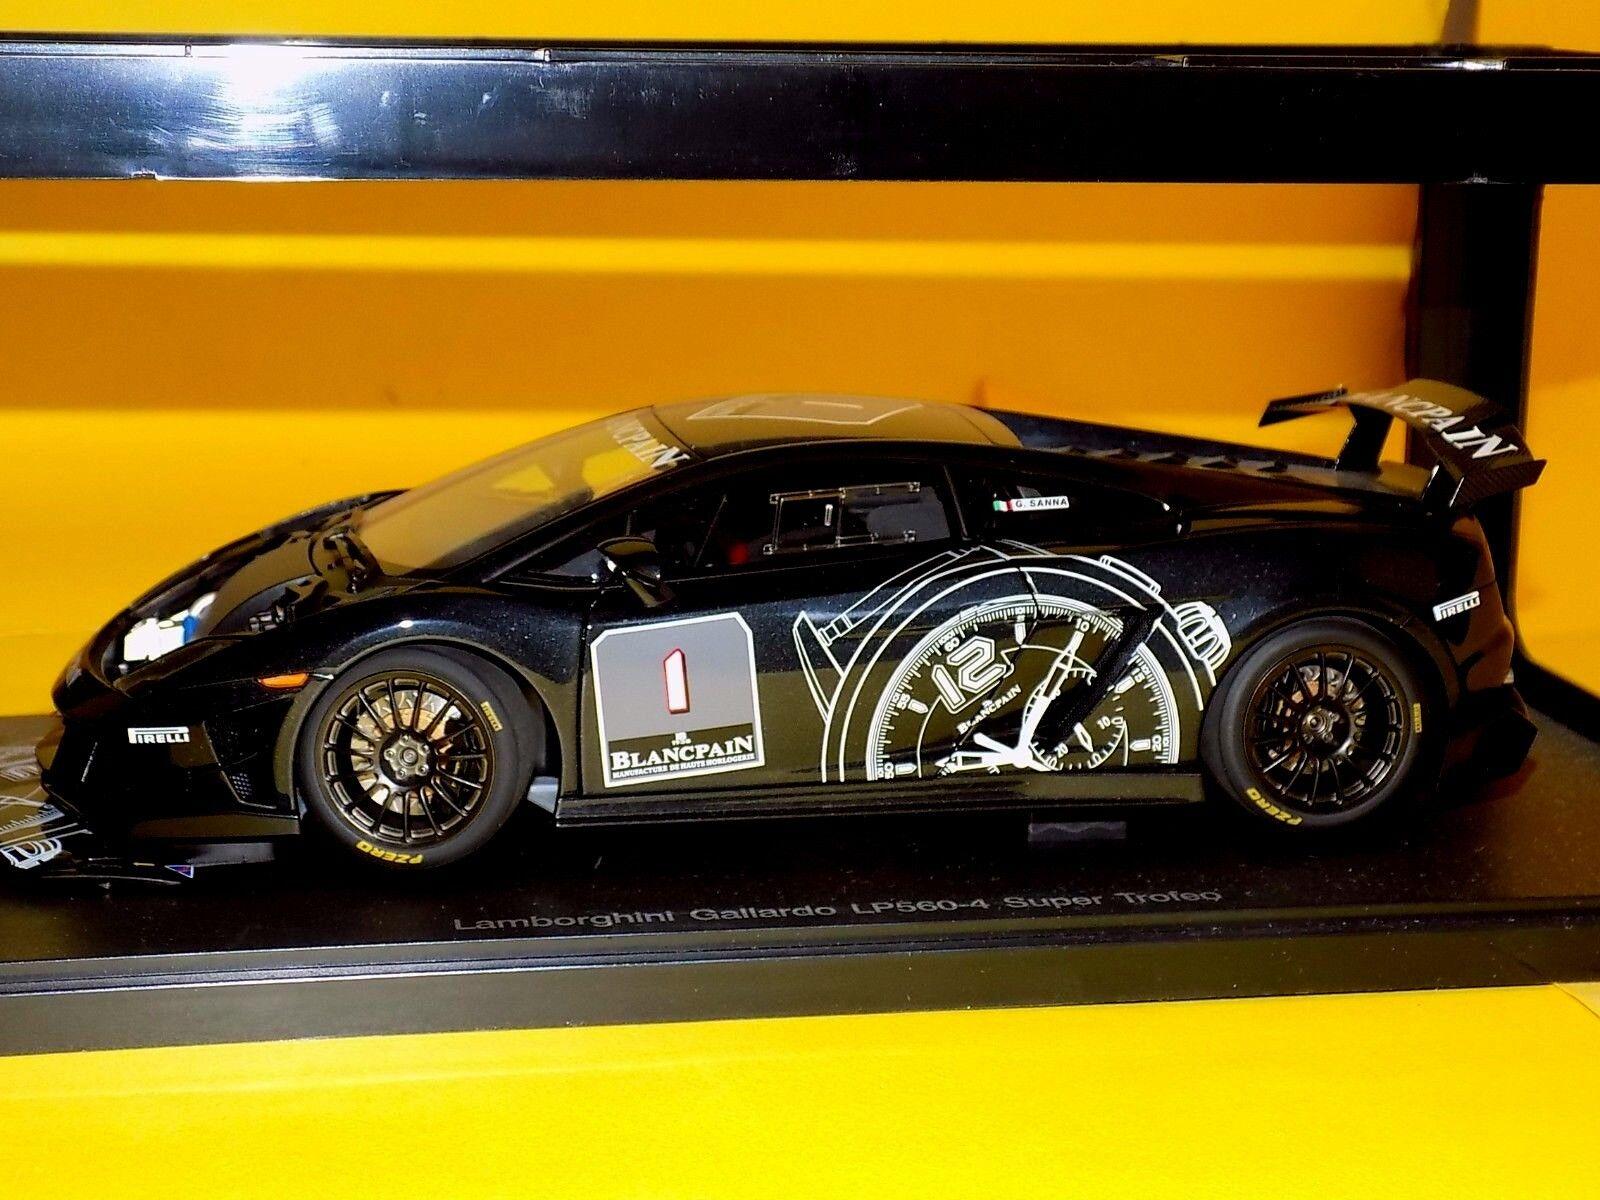 Lamborghini Gallardo LP560-4 Blancpain  1 Super Trofeo AUTOART 74686 1 18